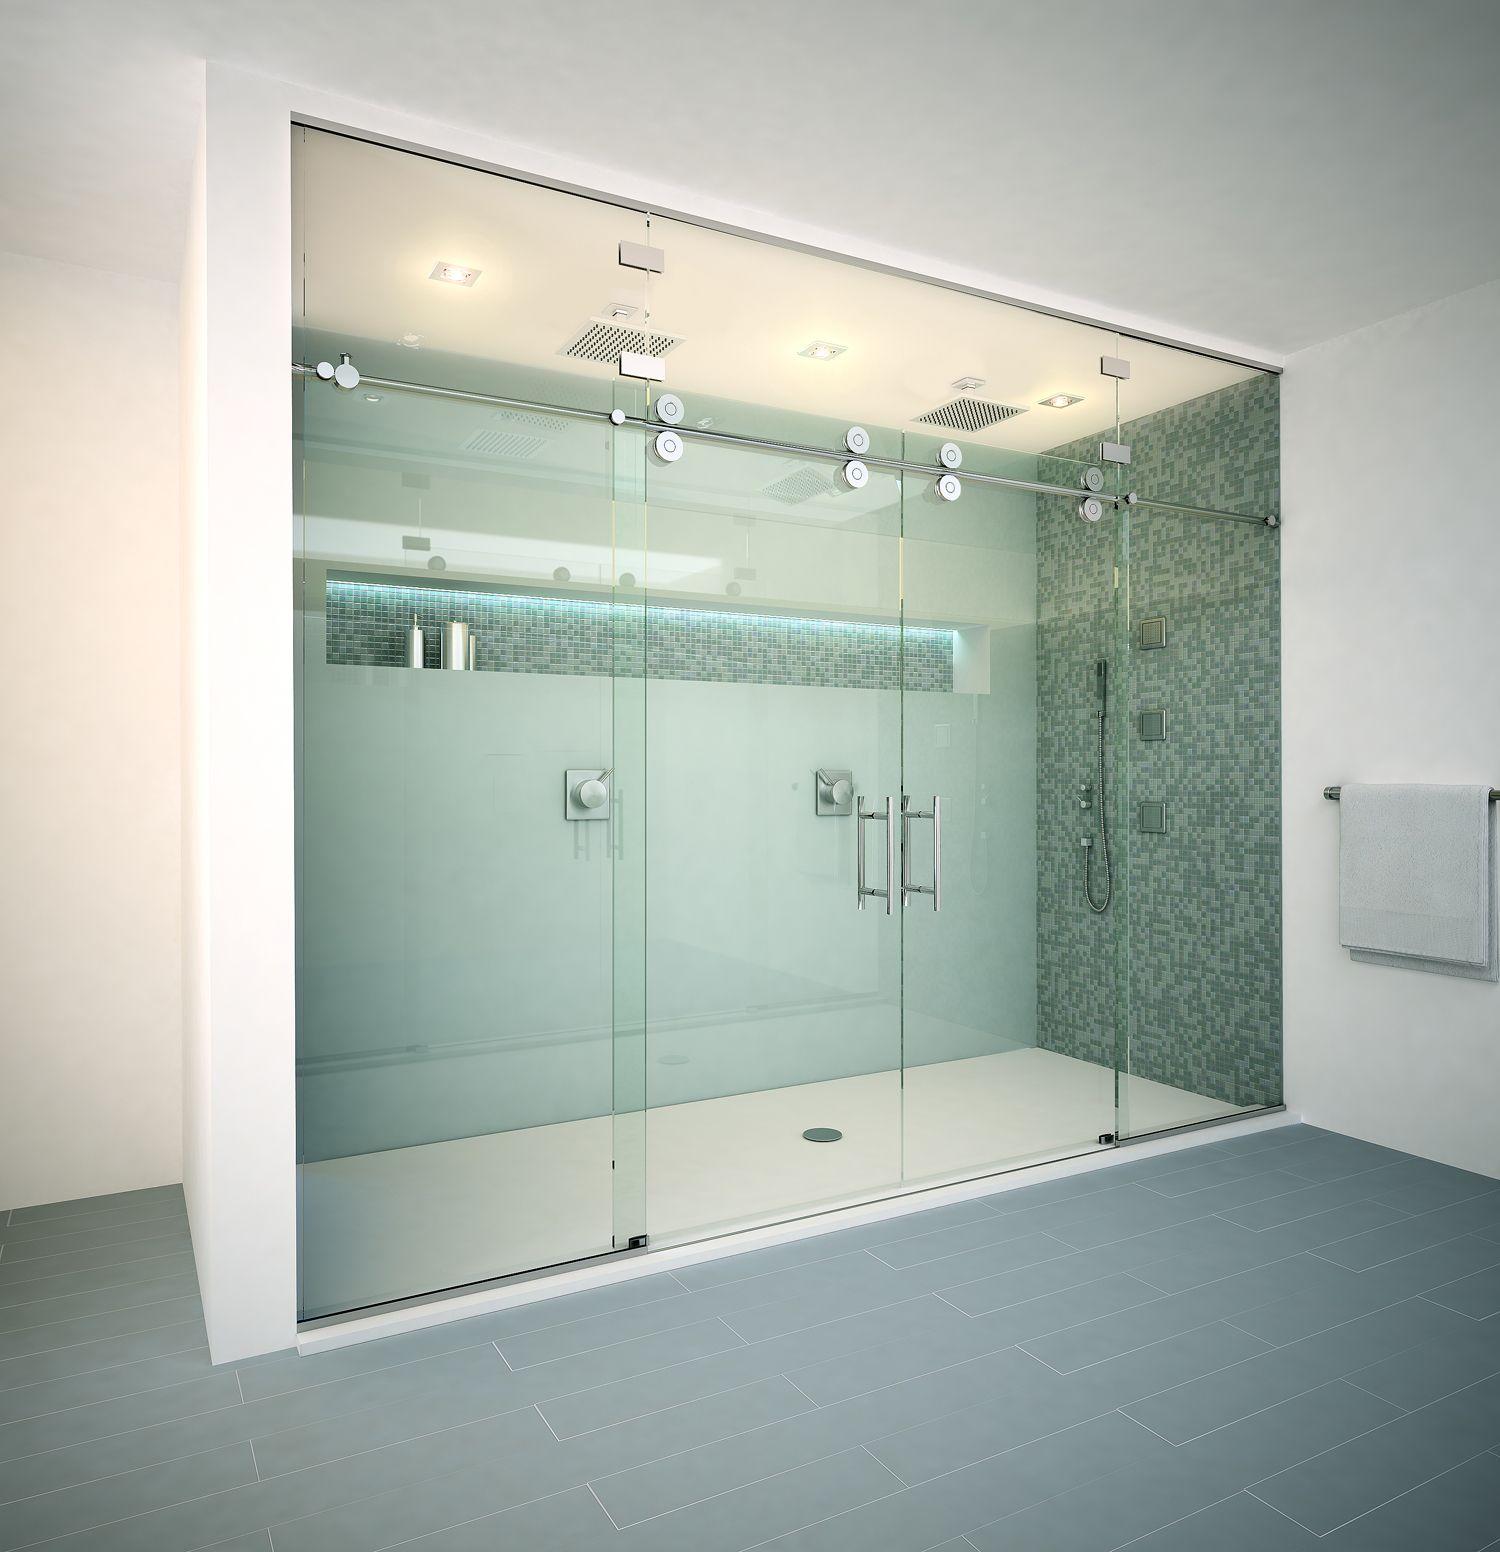 Frameless Vs Semi Frameless Vs Framed Shower Enclosures Framed